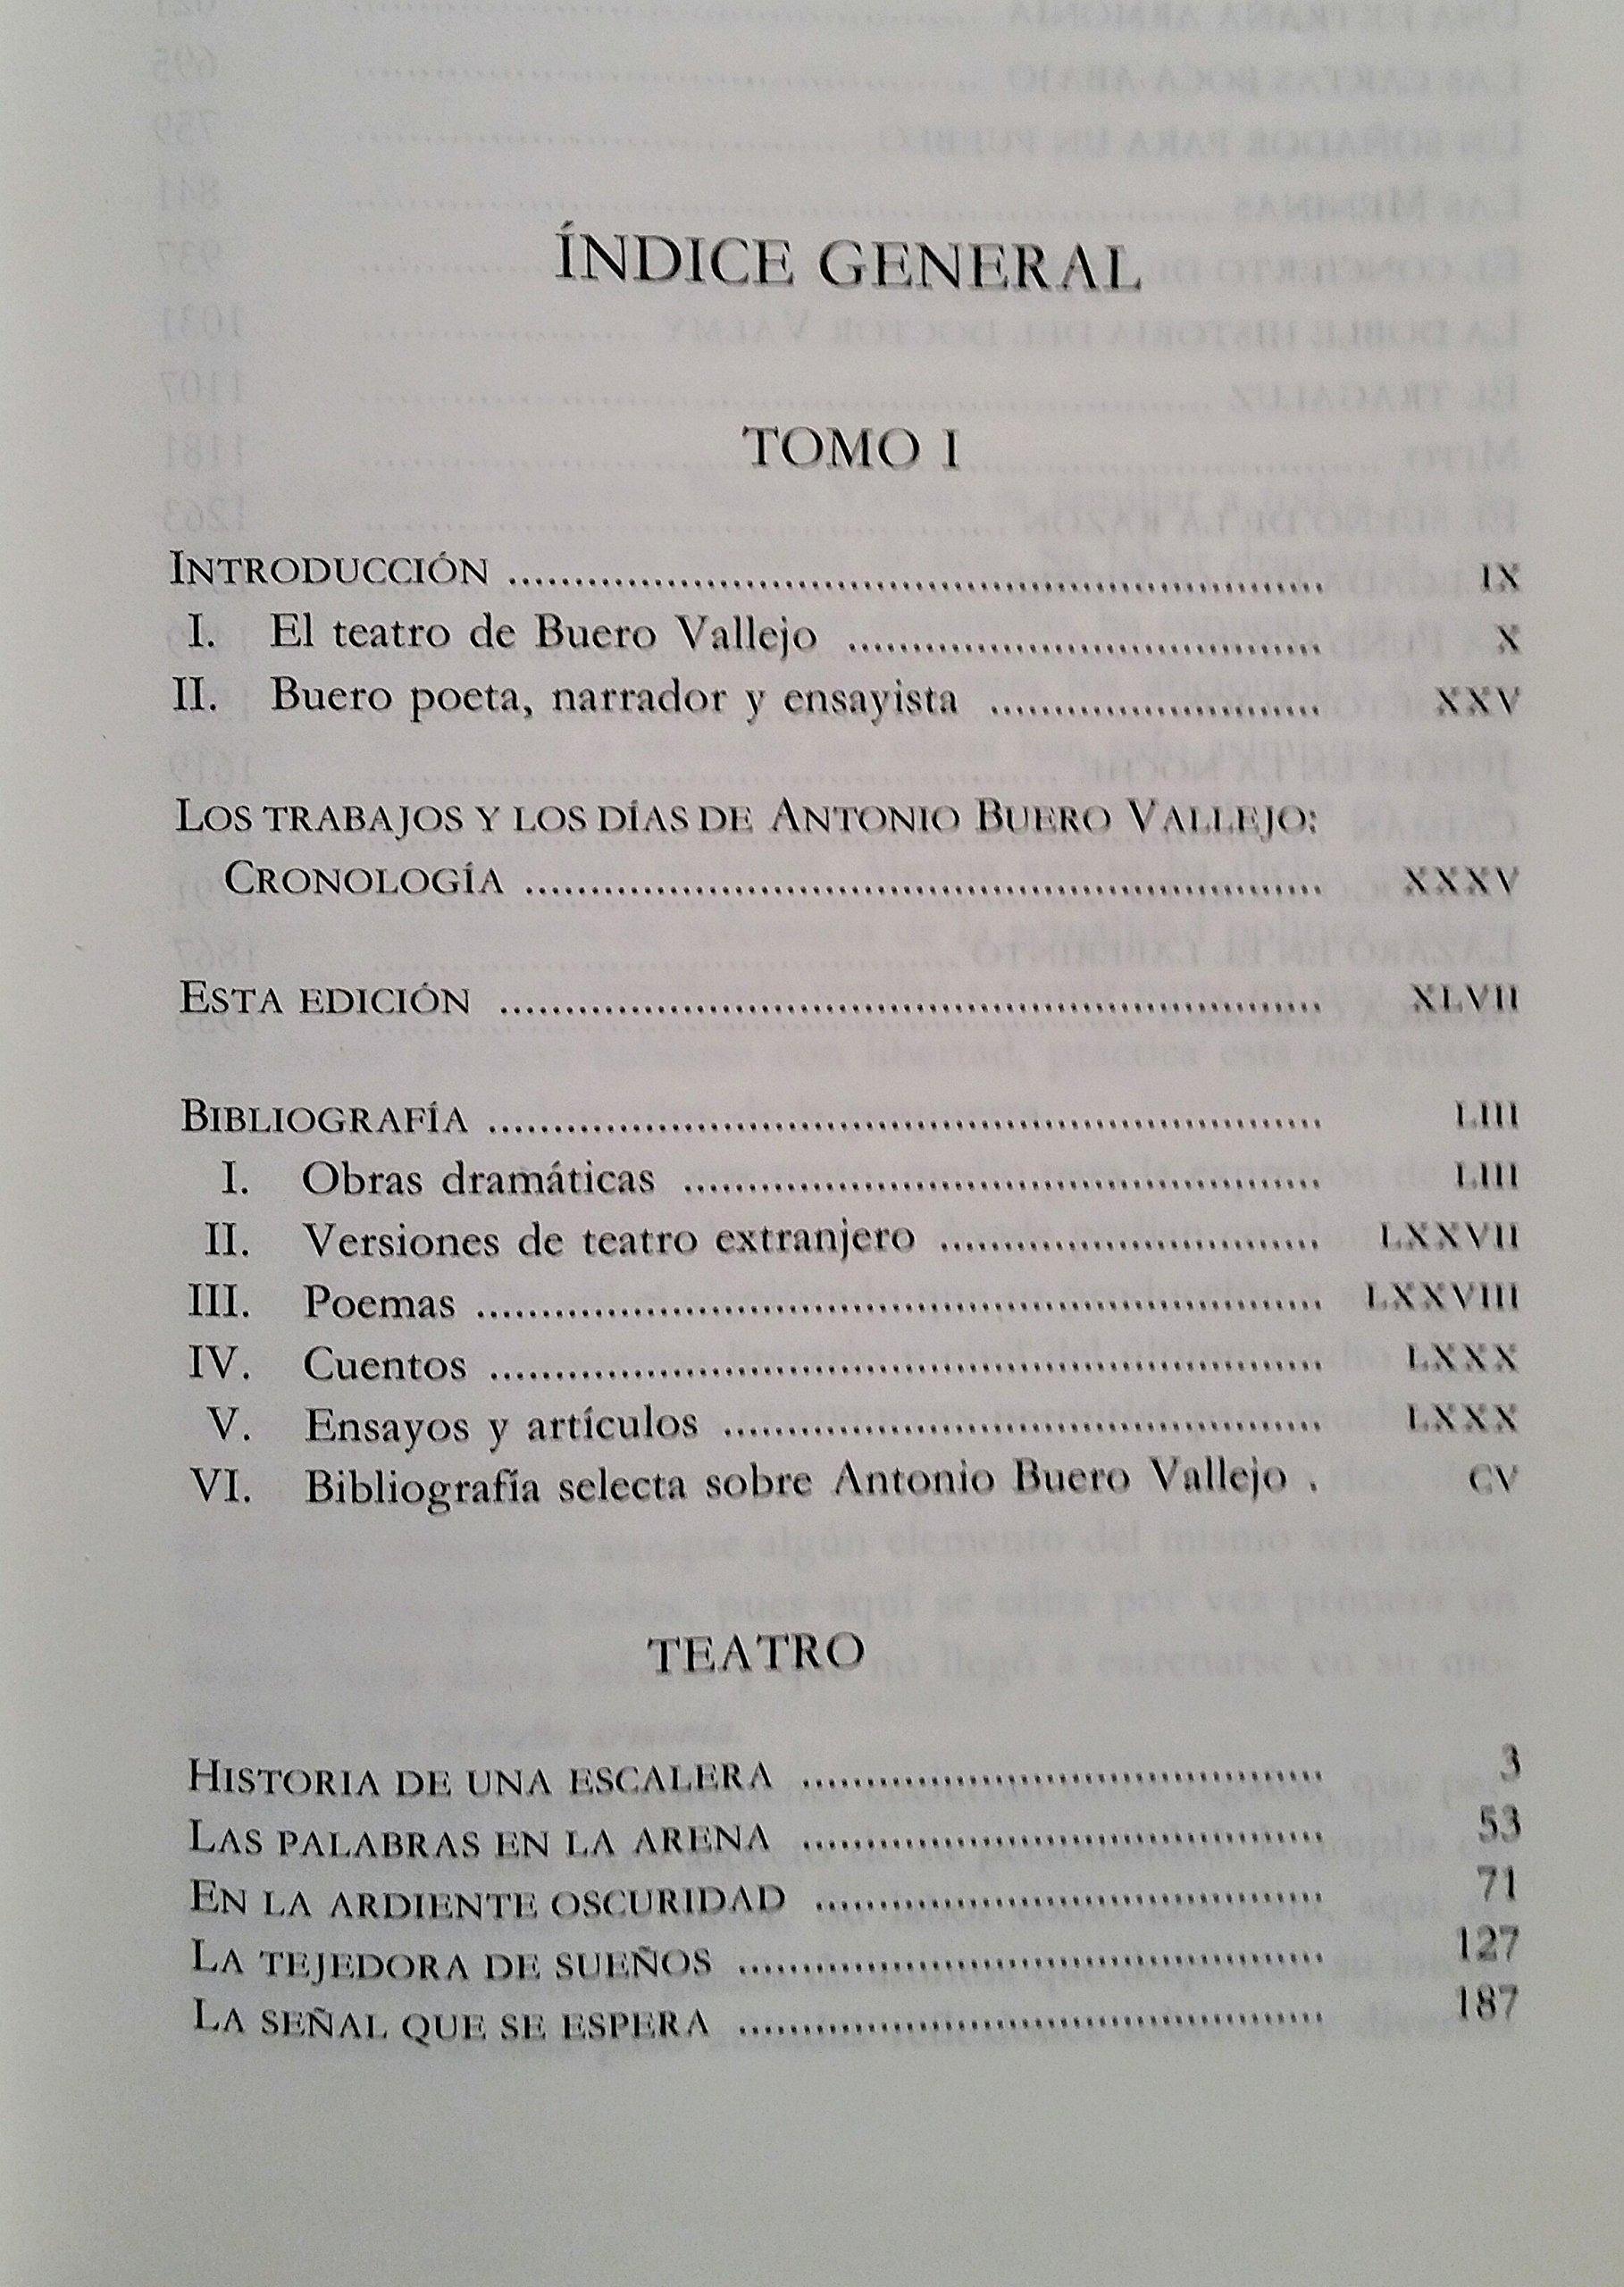 Obra completa abtonio buero Vallejo. 2 tomos: Amazon.es: Buero Vallejo, Antonio: Libros